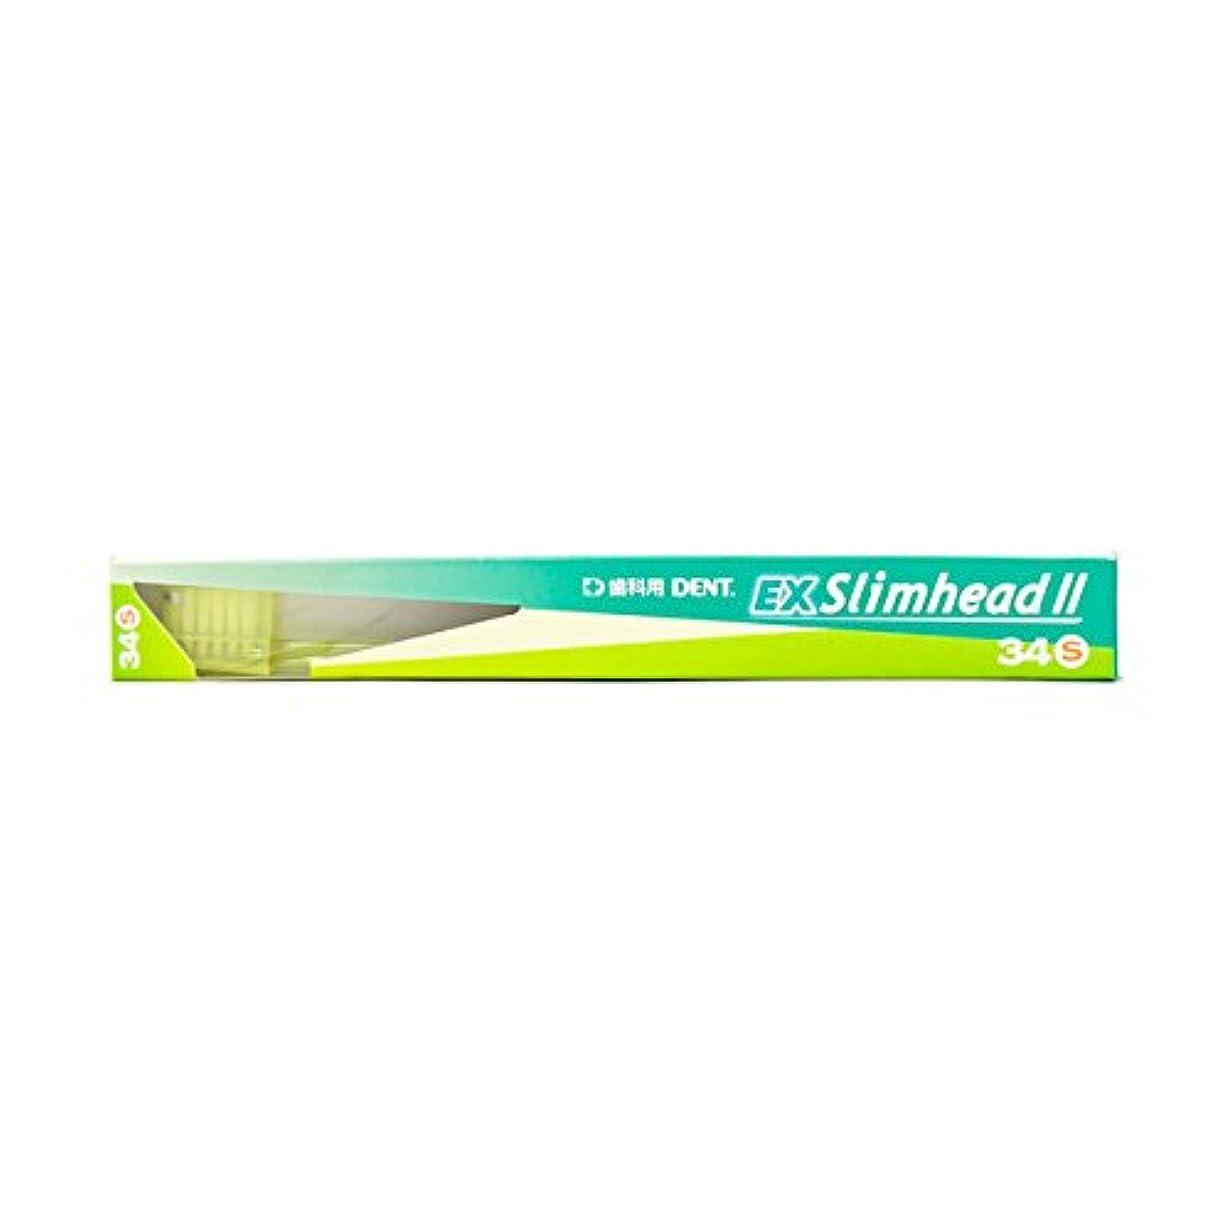 札入れ転倒恥ずかしさライオン歯科材 デント EX スリムヘッド II 34 ソフト 1本入 4903301336044